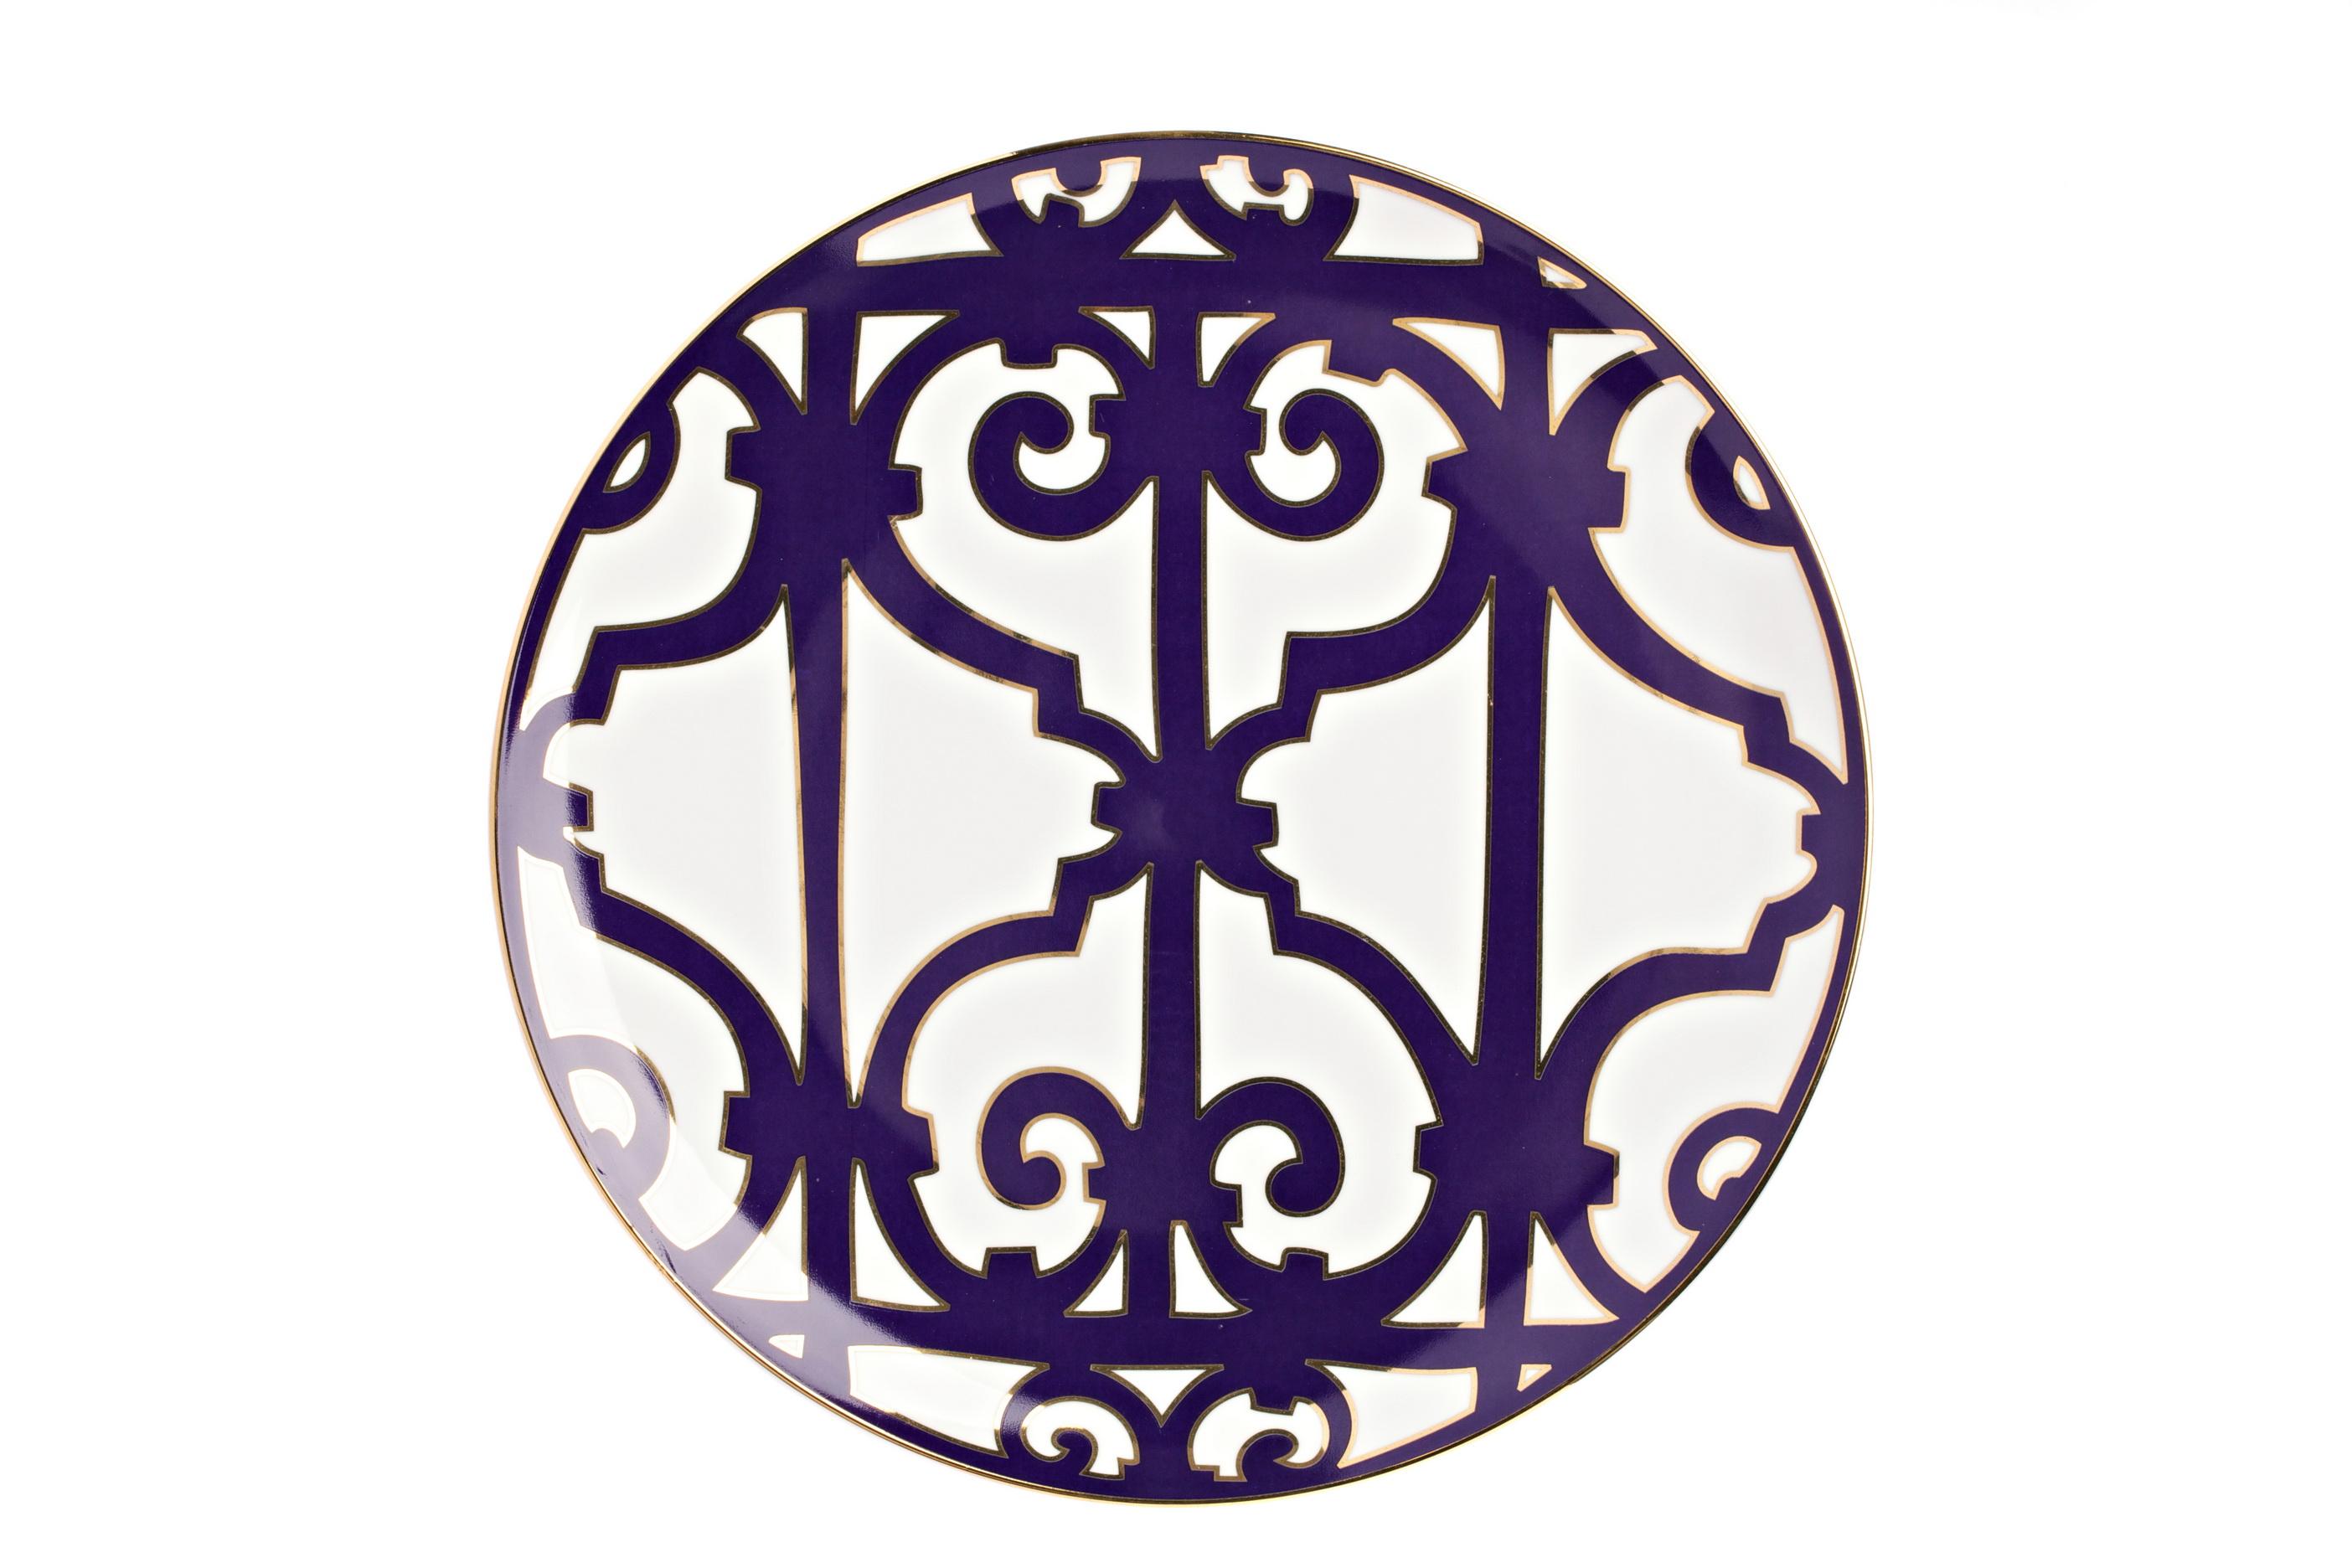 Тарелка Violet DreamsДекоративные тарелки<br>Классическая плоская тарелка из серии «Фиолетовые сны» подойдет для различных нарезок и горячих блюд. Тарелка выполнена из белоснежного костяного фарфора и украшена оригинальным фиолетовым узором. Безупречный стиль и качество исполнения сделают ее украшением вашего стола и прекрасным подарком. Вы можете приобрести ее отдельно,  а также вместе с другими предметами серии «Violet Dreams».<br><br>Material: Фарфор<br>Depth см: 1.5<br>Height см: None<br>Diameter см: 26